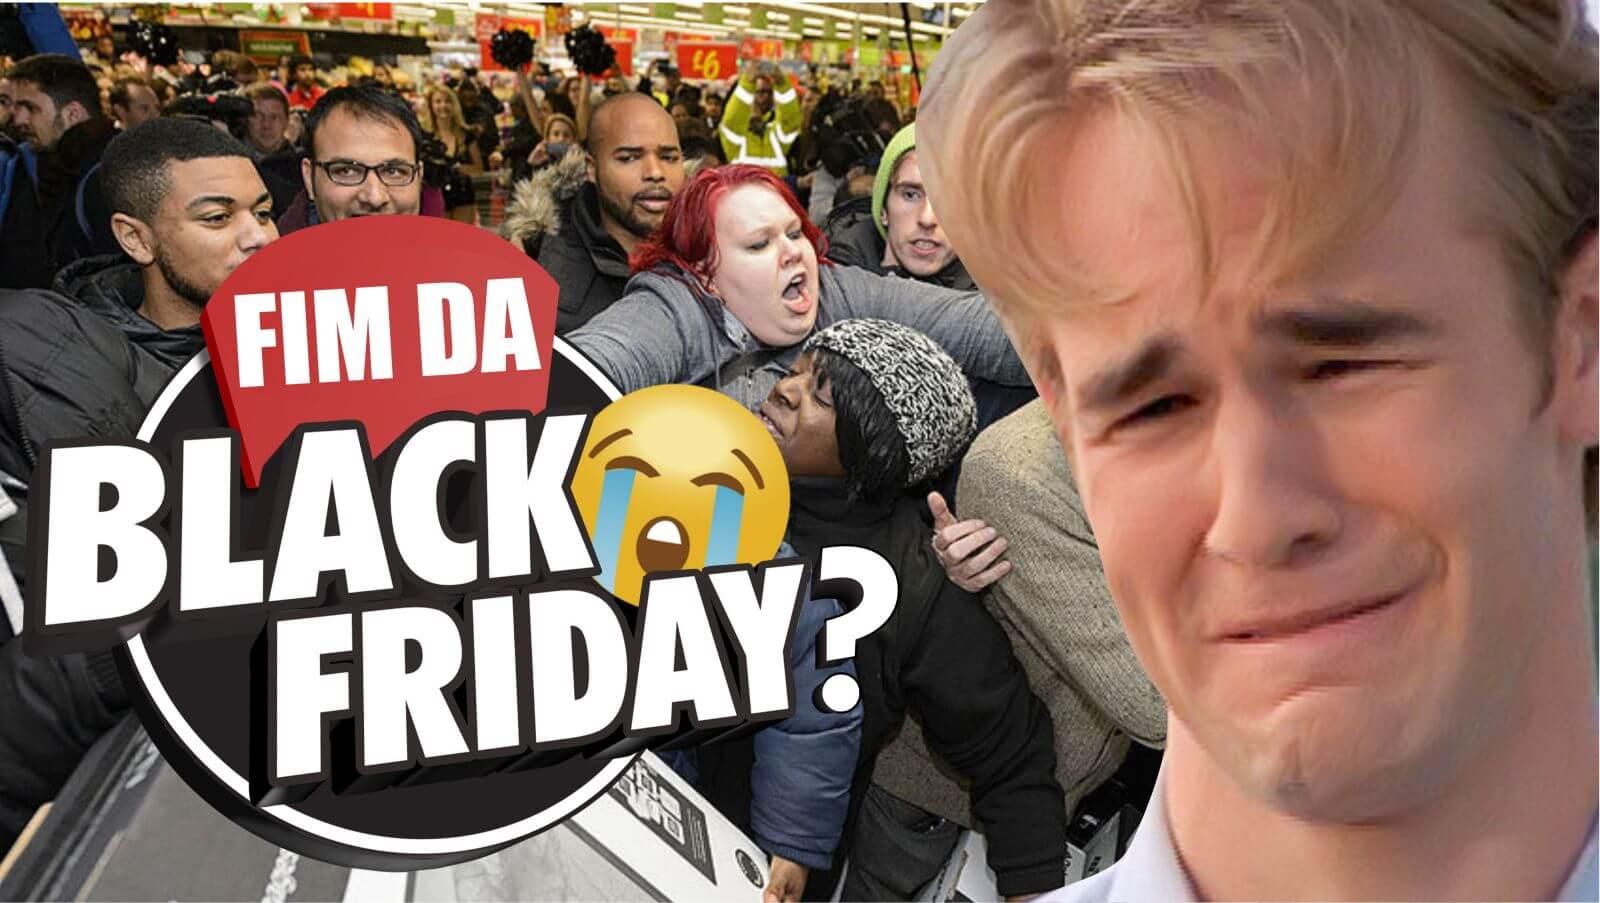 FIM DA BLACK FRIDAY - Mais Curiosidades